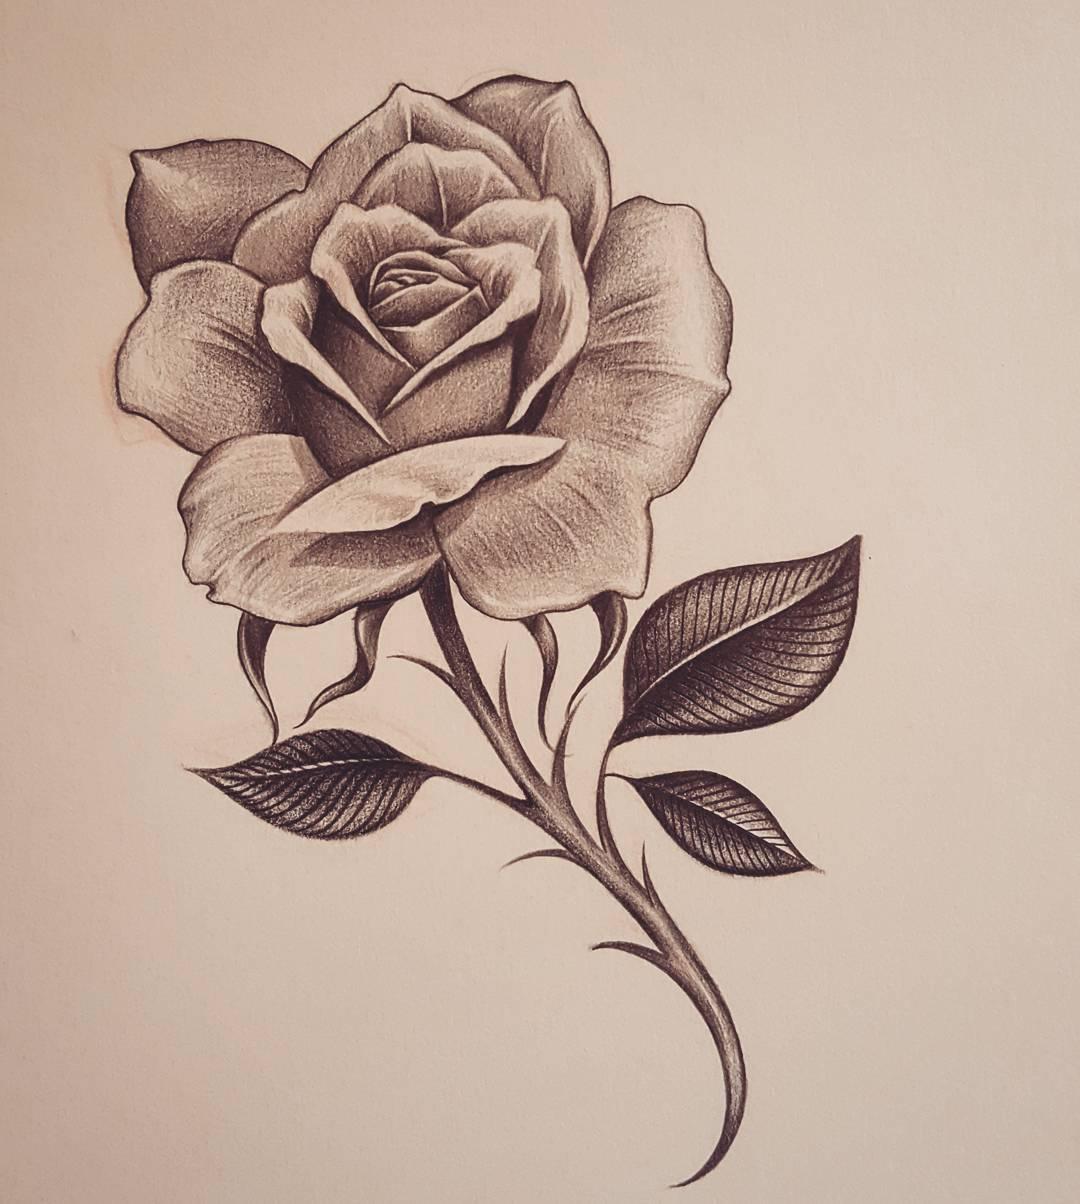 Jogom van - Rózsaliga alapítvány